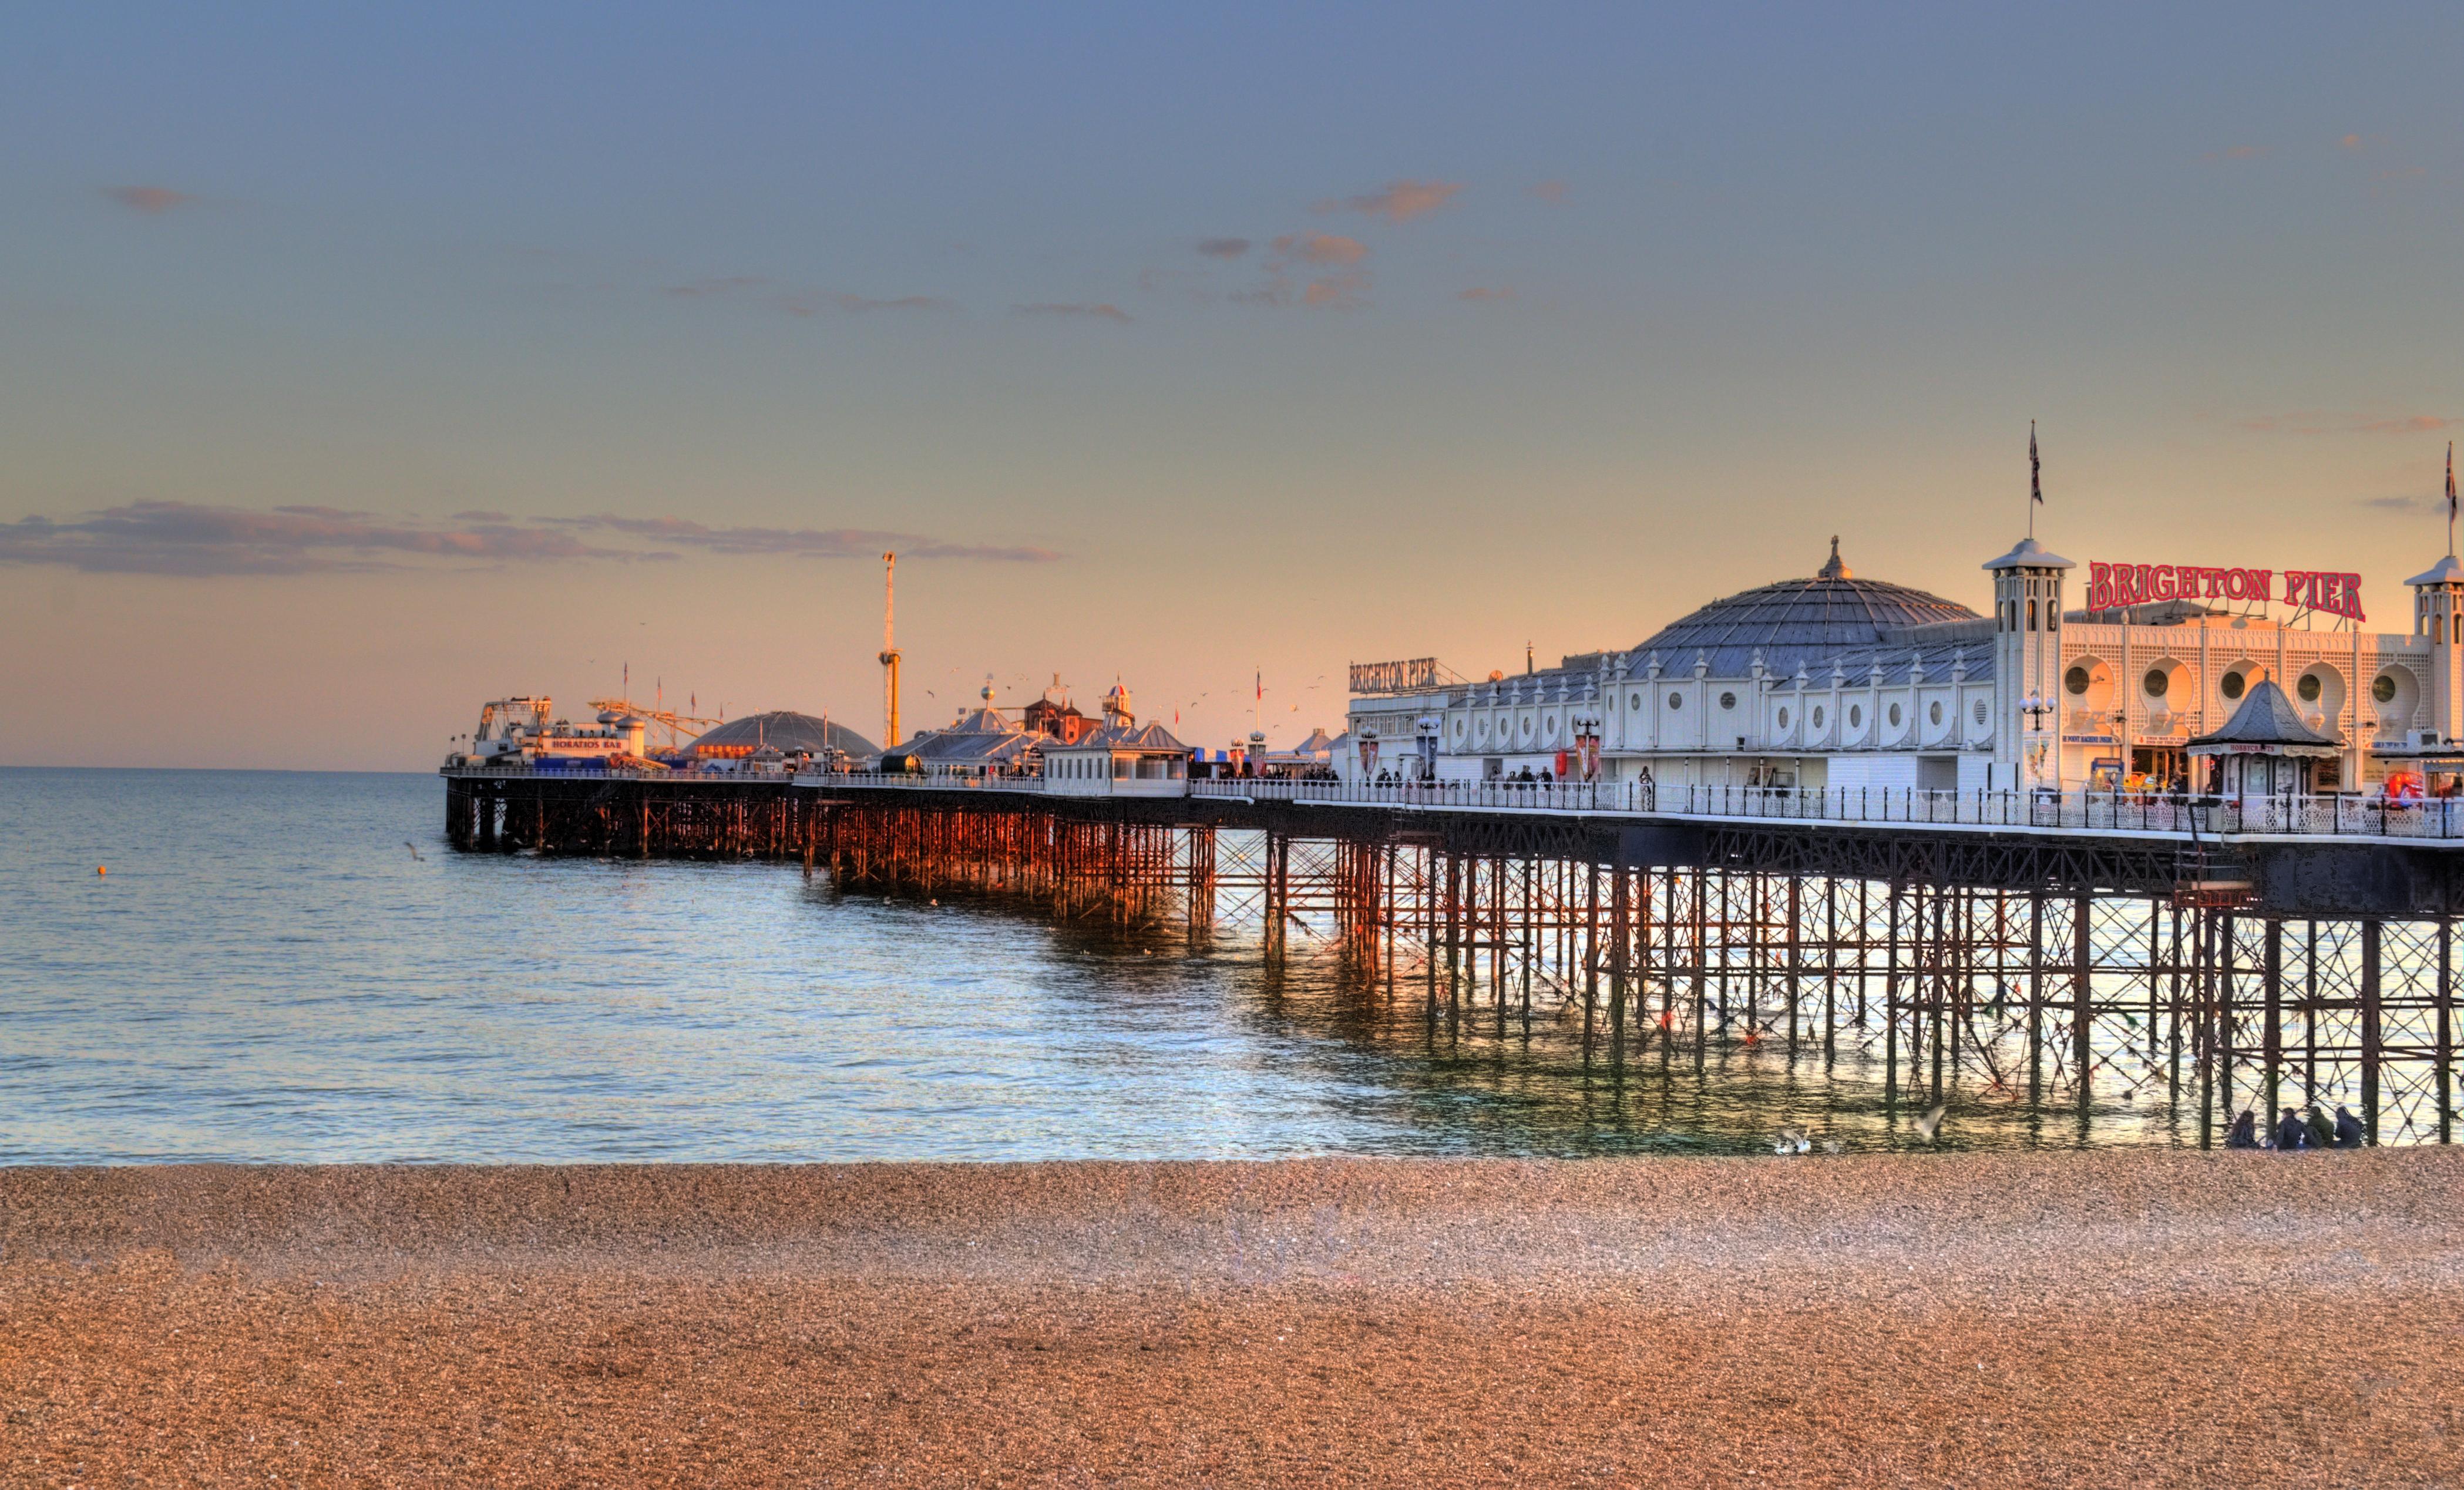 Panorámica del muelle de Brighton, con la playa, el muelle y los pabellones recreativos de fondo